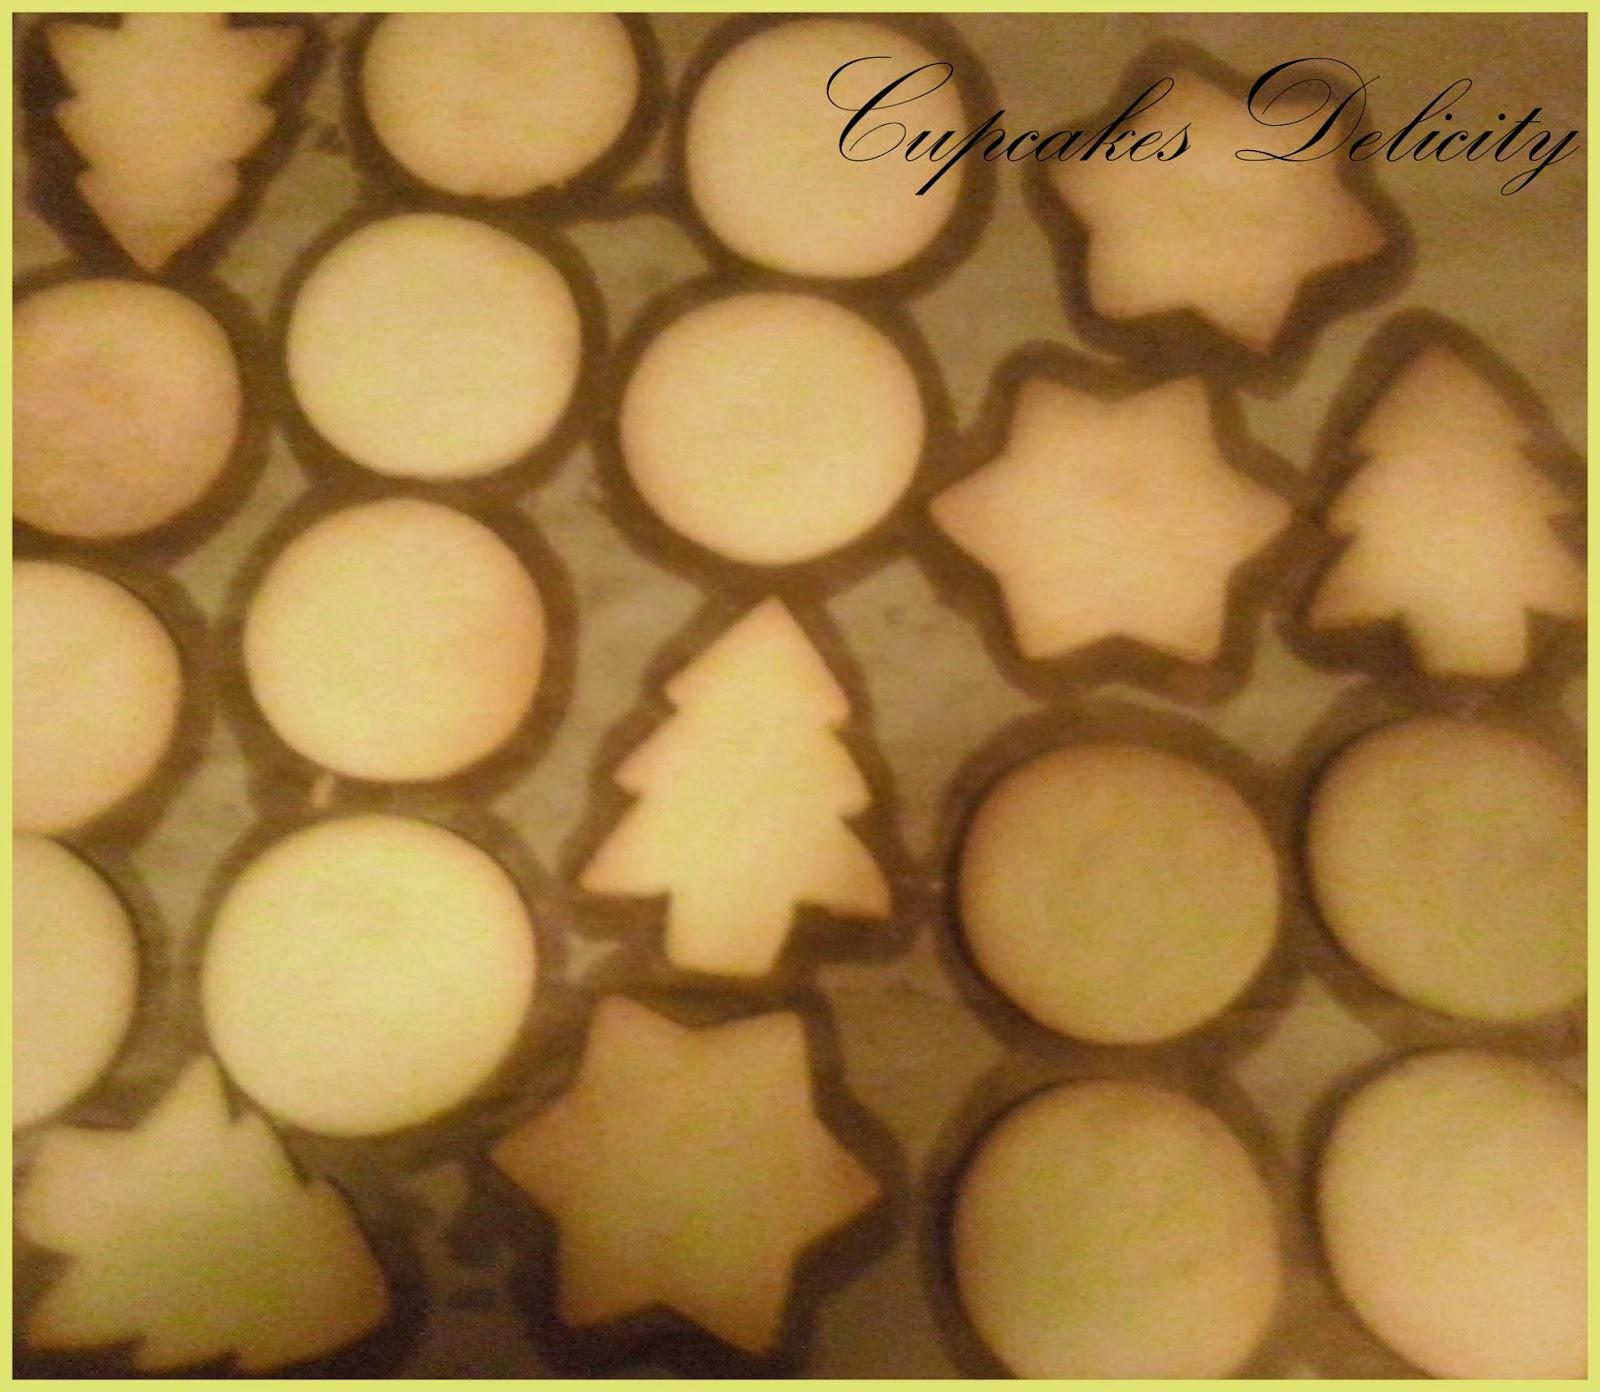 http://cupcakesdelicity.blogspot.com.es/2014/01/receta-de-las-galletas-de-mantequilla.html